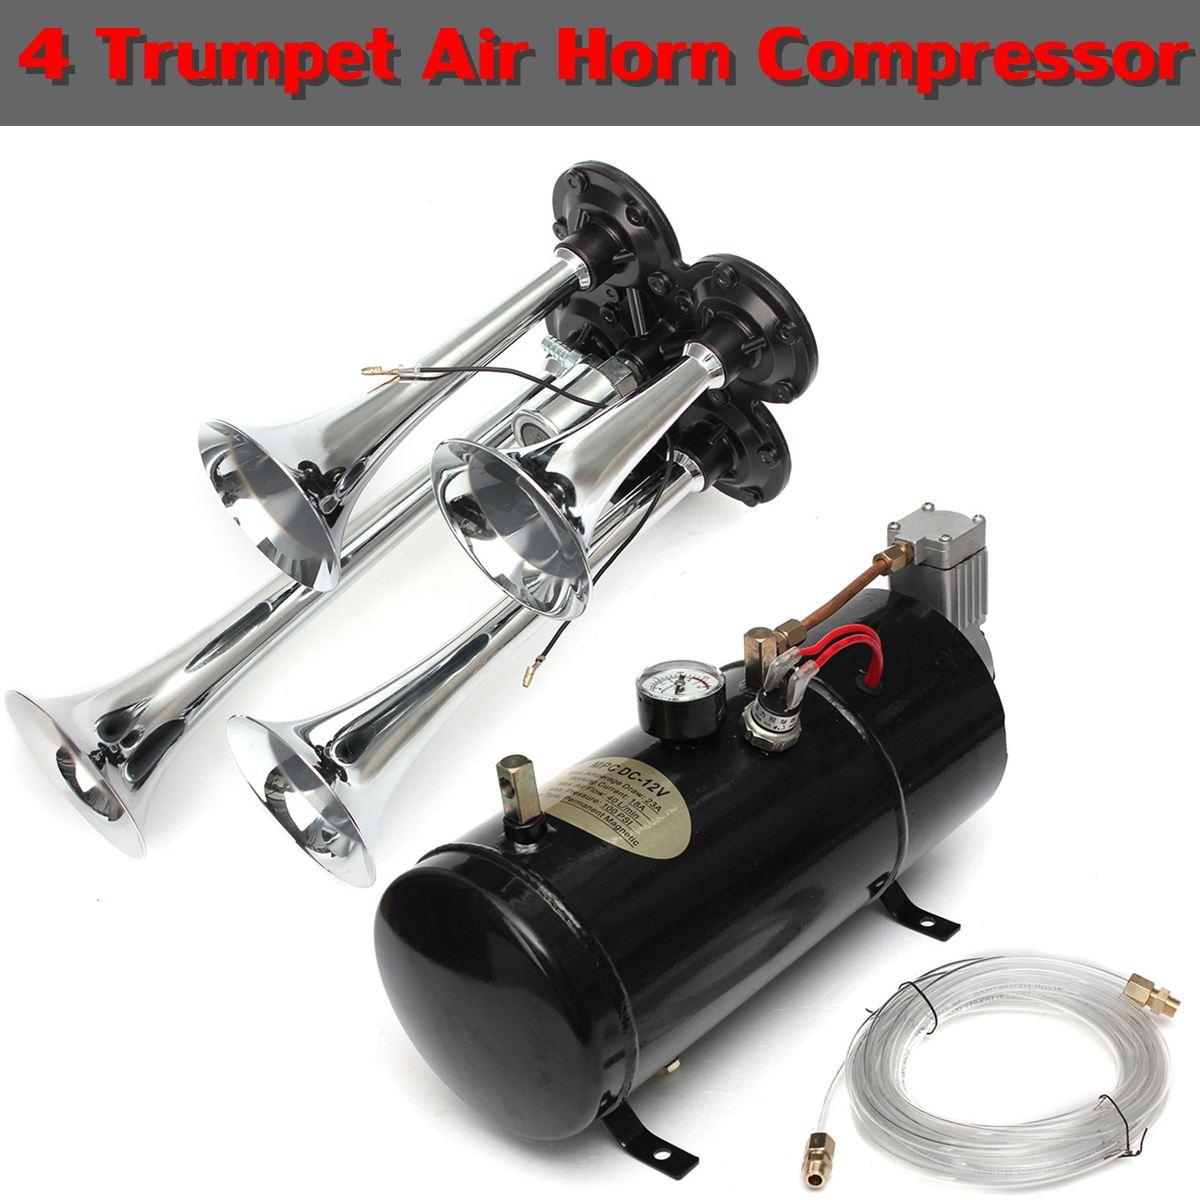 Universel 12V 150.2 db moto voiture camions bateaux 4 trompette Air klaxon compresseur tubes